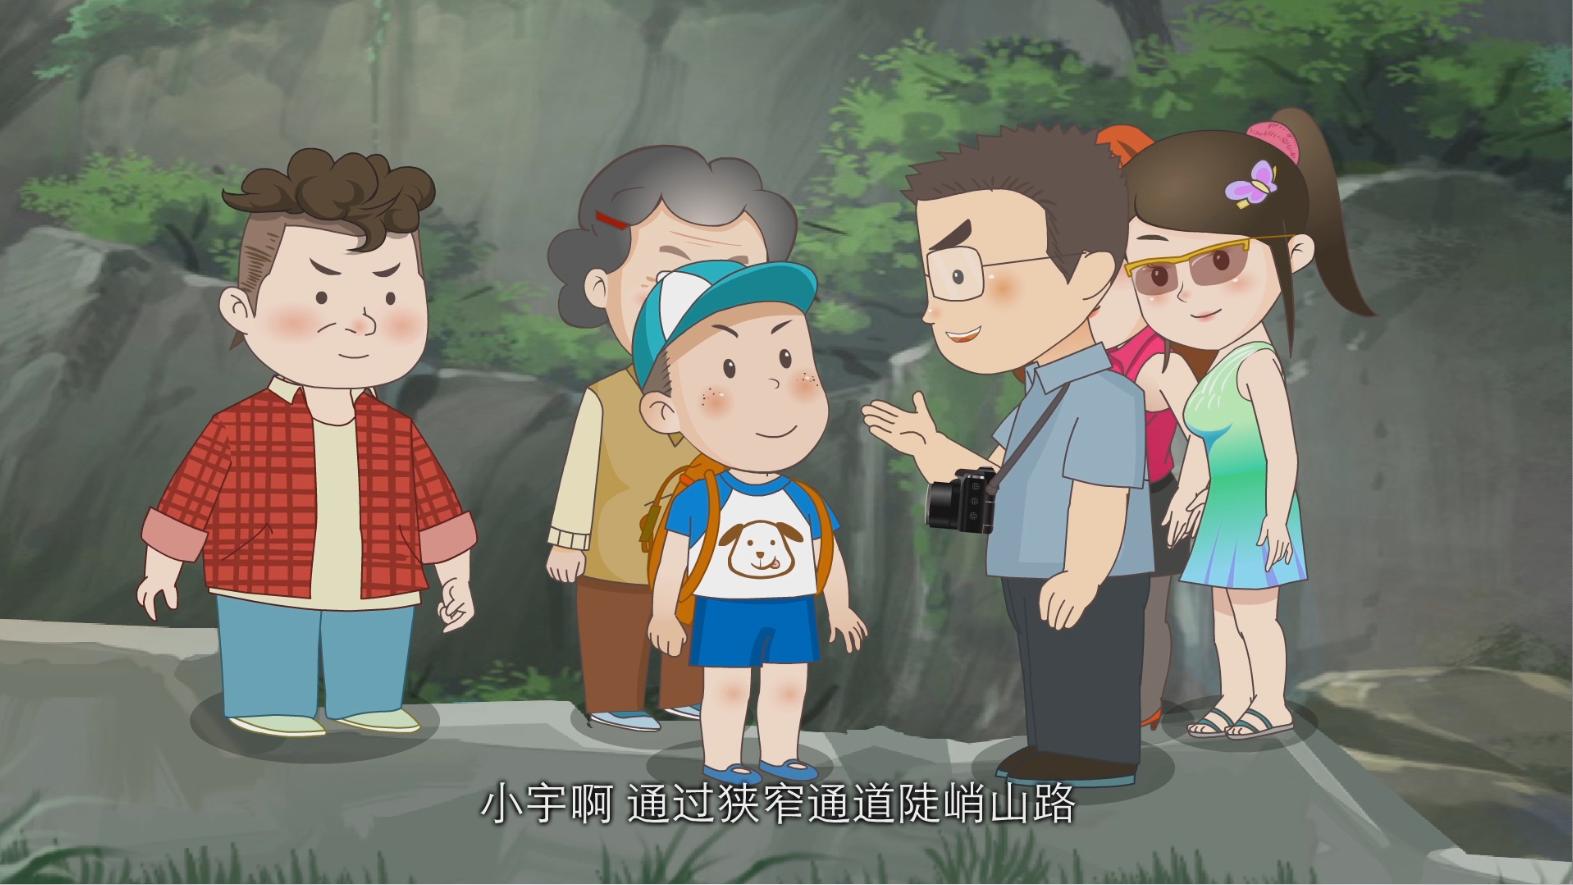 好客山东文明旅游公益动漫宣传片